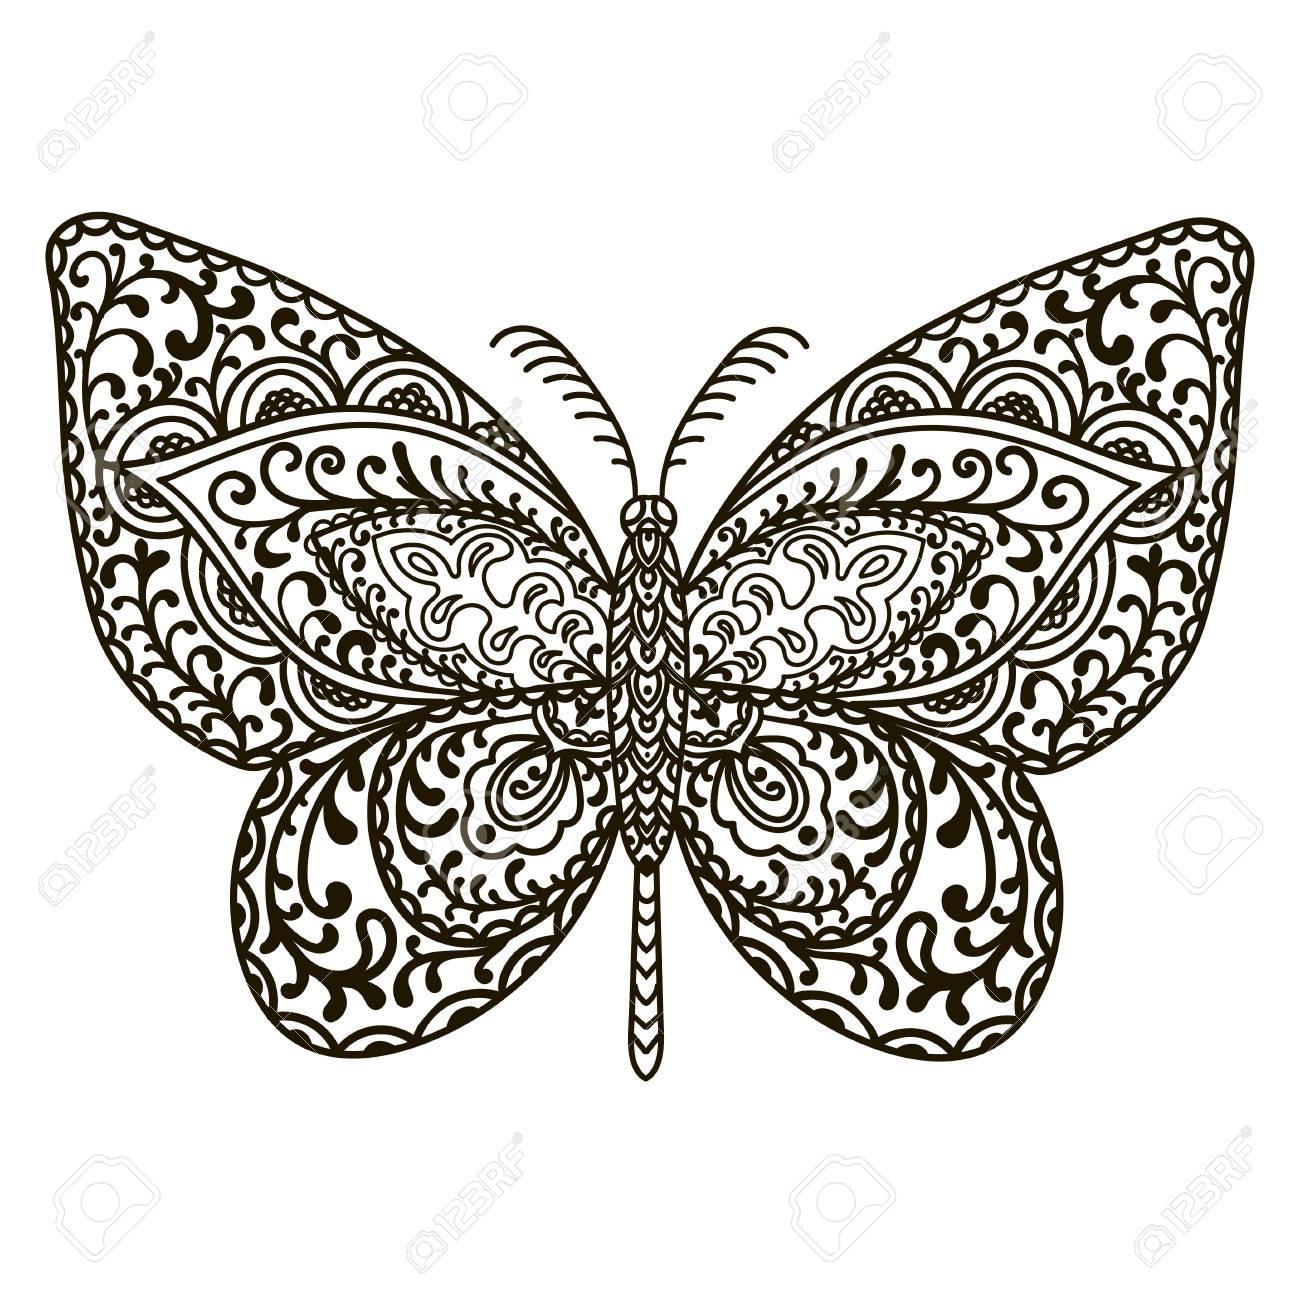 Mariposa. Animales. Dibujado A Mano Doodle Insecto. Ilustración ...